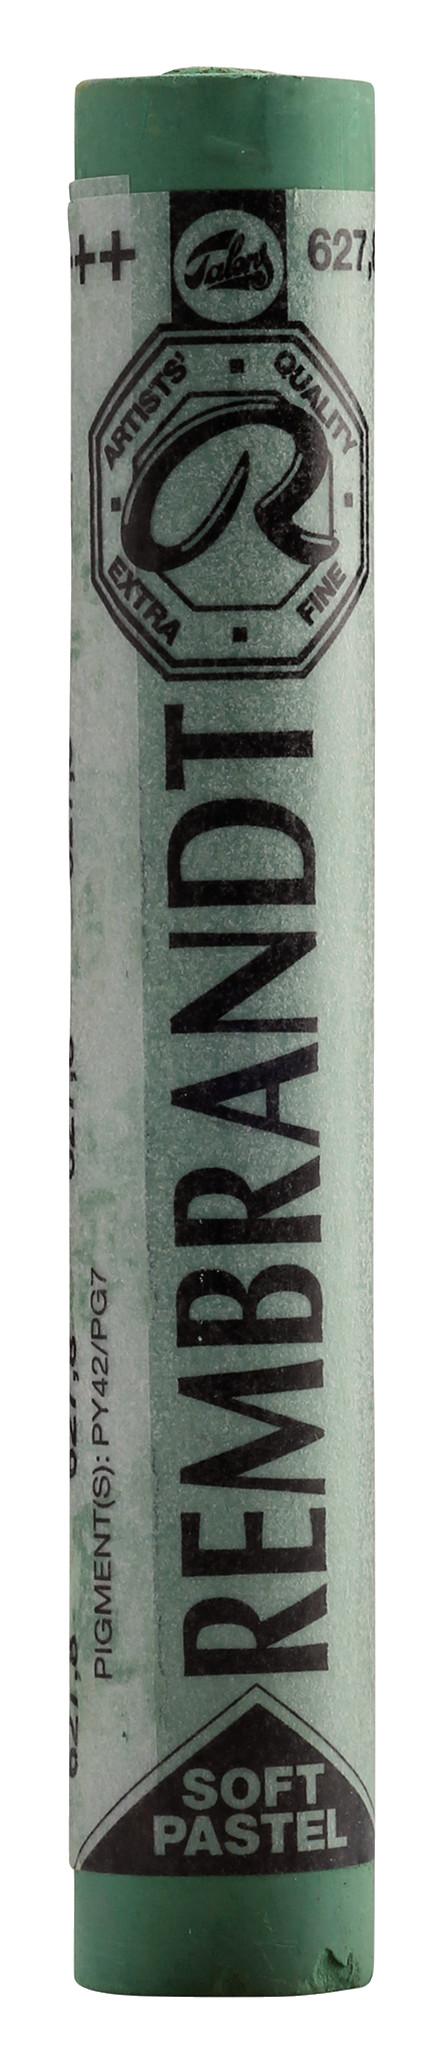 Rembrandt Soft Pastel Round Full Stick Cinnabar Green Deep(8) (627.8)